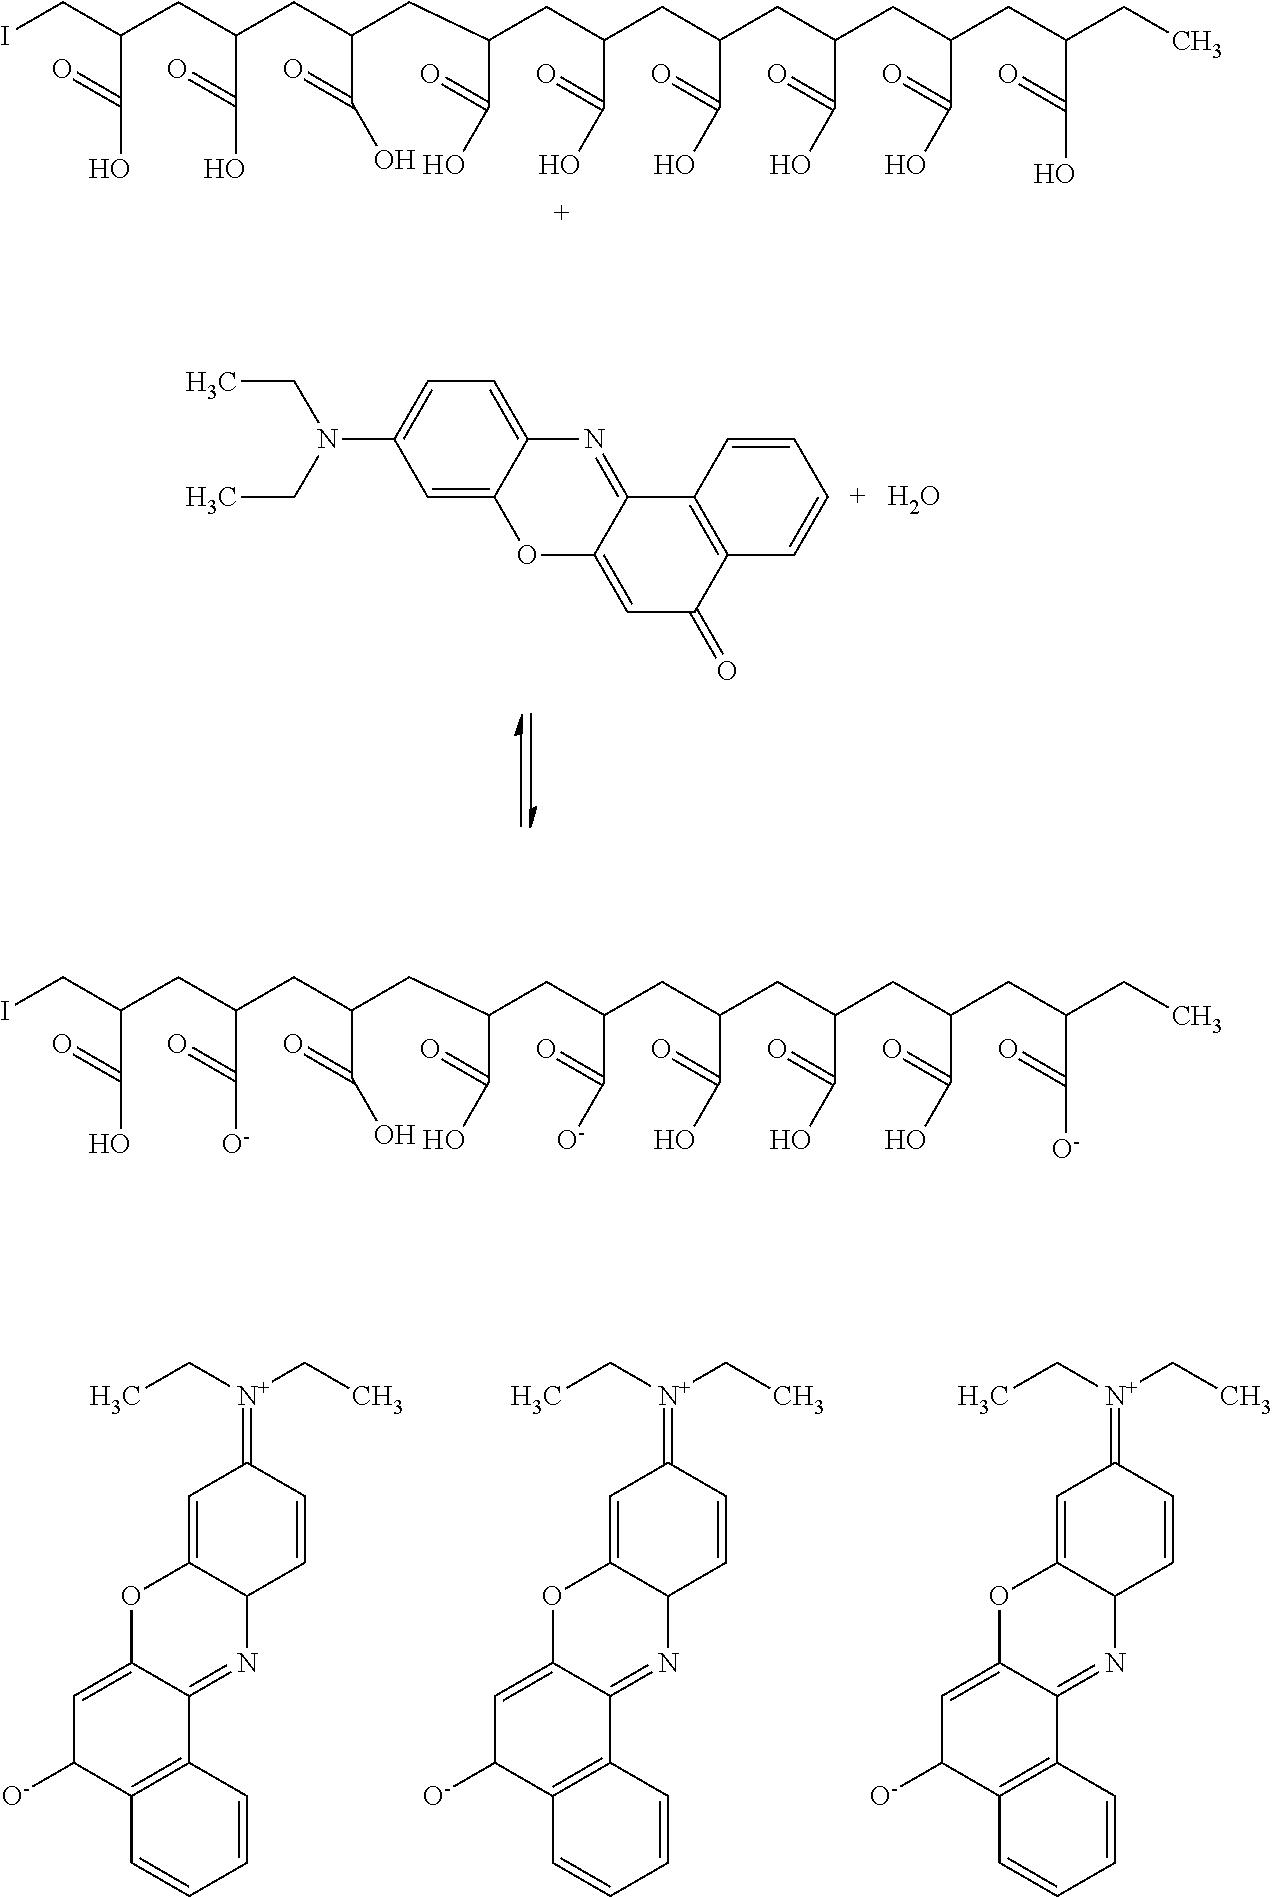 Figure US08431086-20130430-C00001